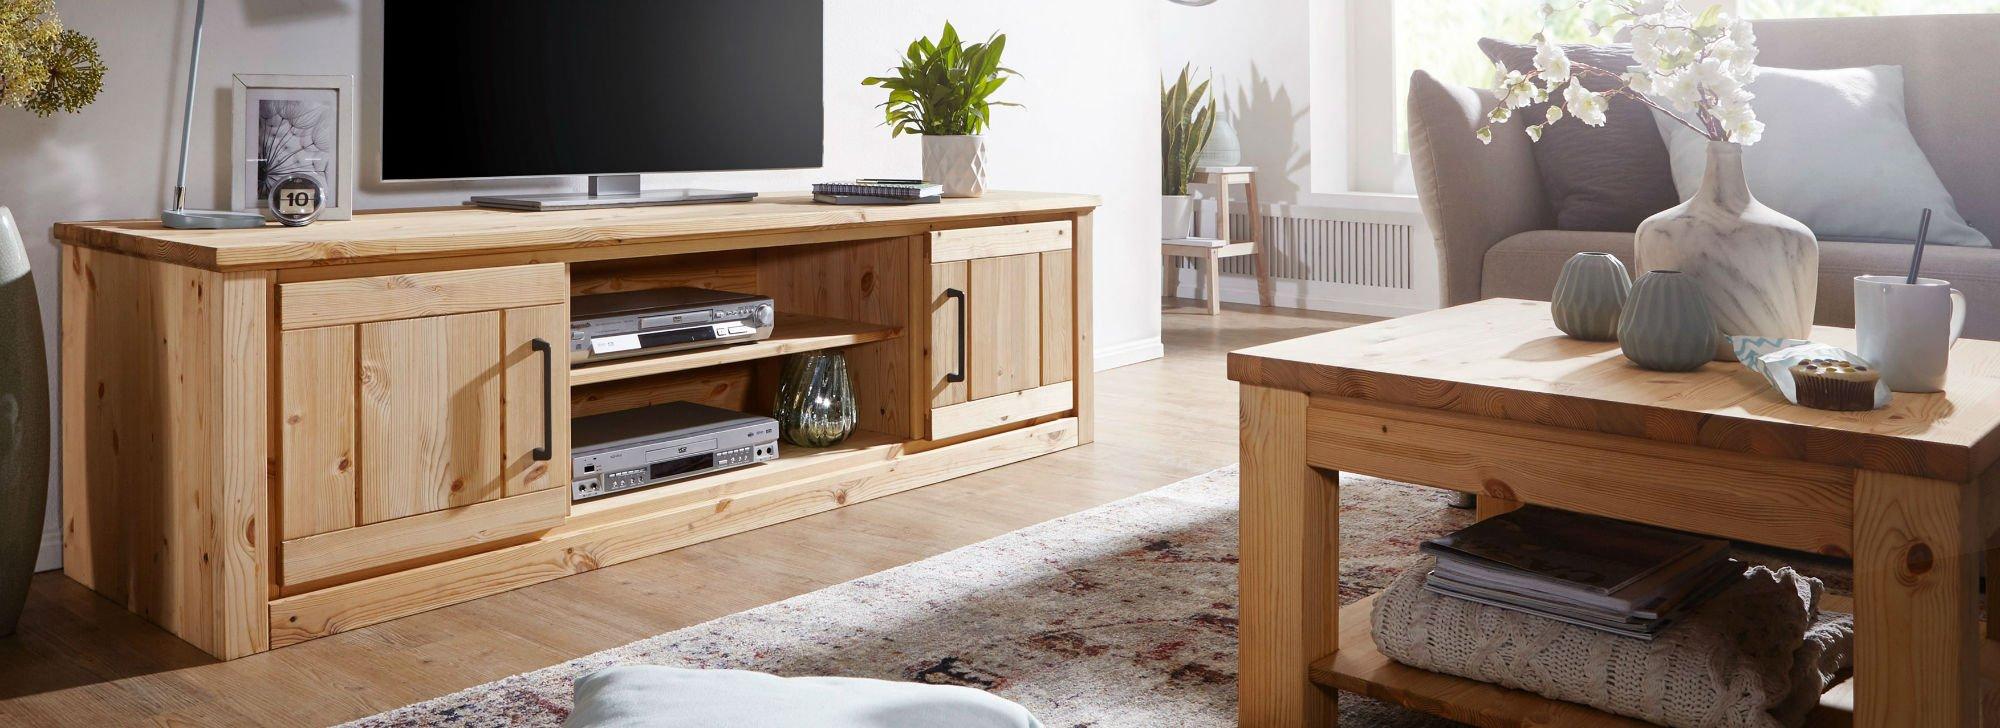 Wohnzimmer und Esszimmer Serie Molde Kiefer Massiv, Bild 3